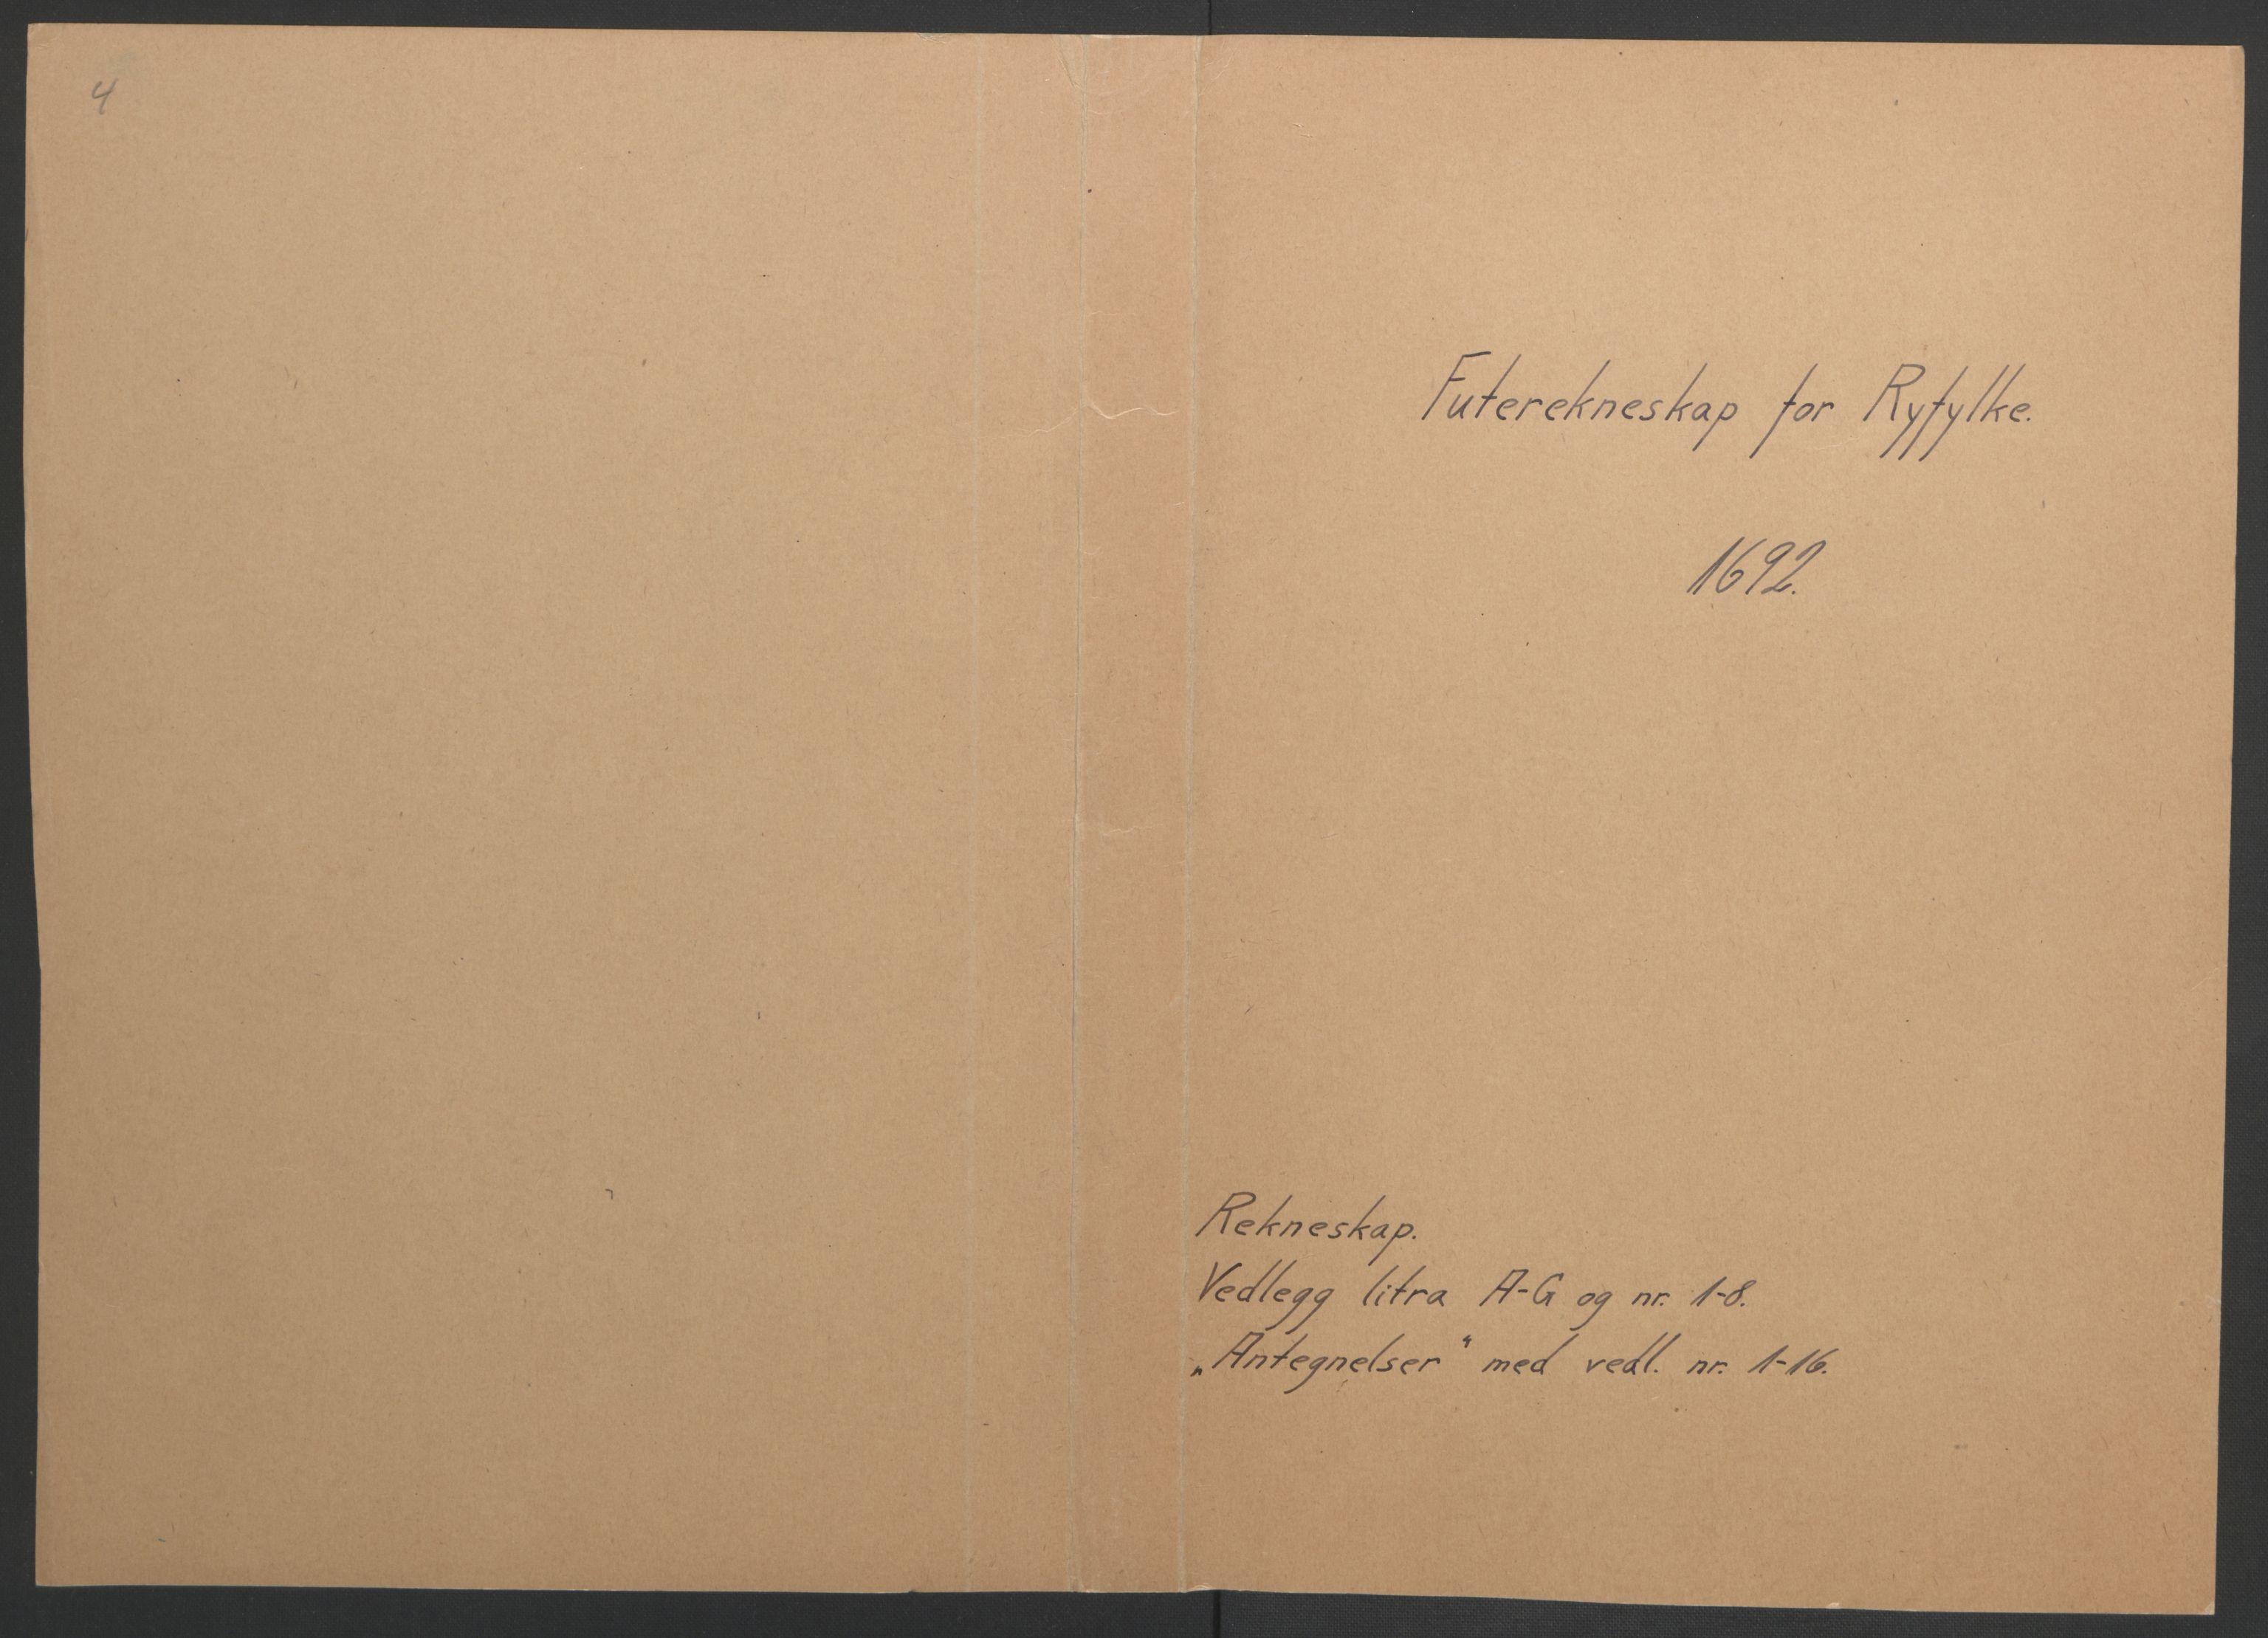 RA, Rentekammeret inntil 1814, Reviderte regnskaper, Fogderegnskap, R47/L2856: Fogderegnskap Ryfylke, 1689-1693, s. 440